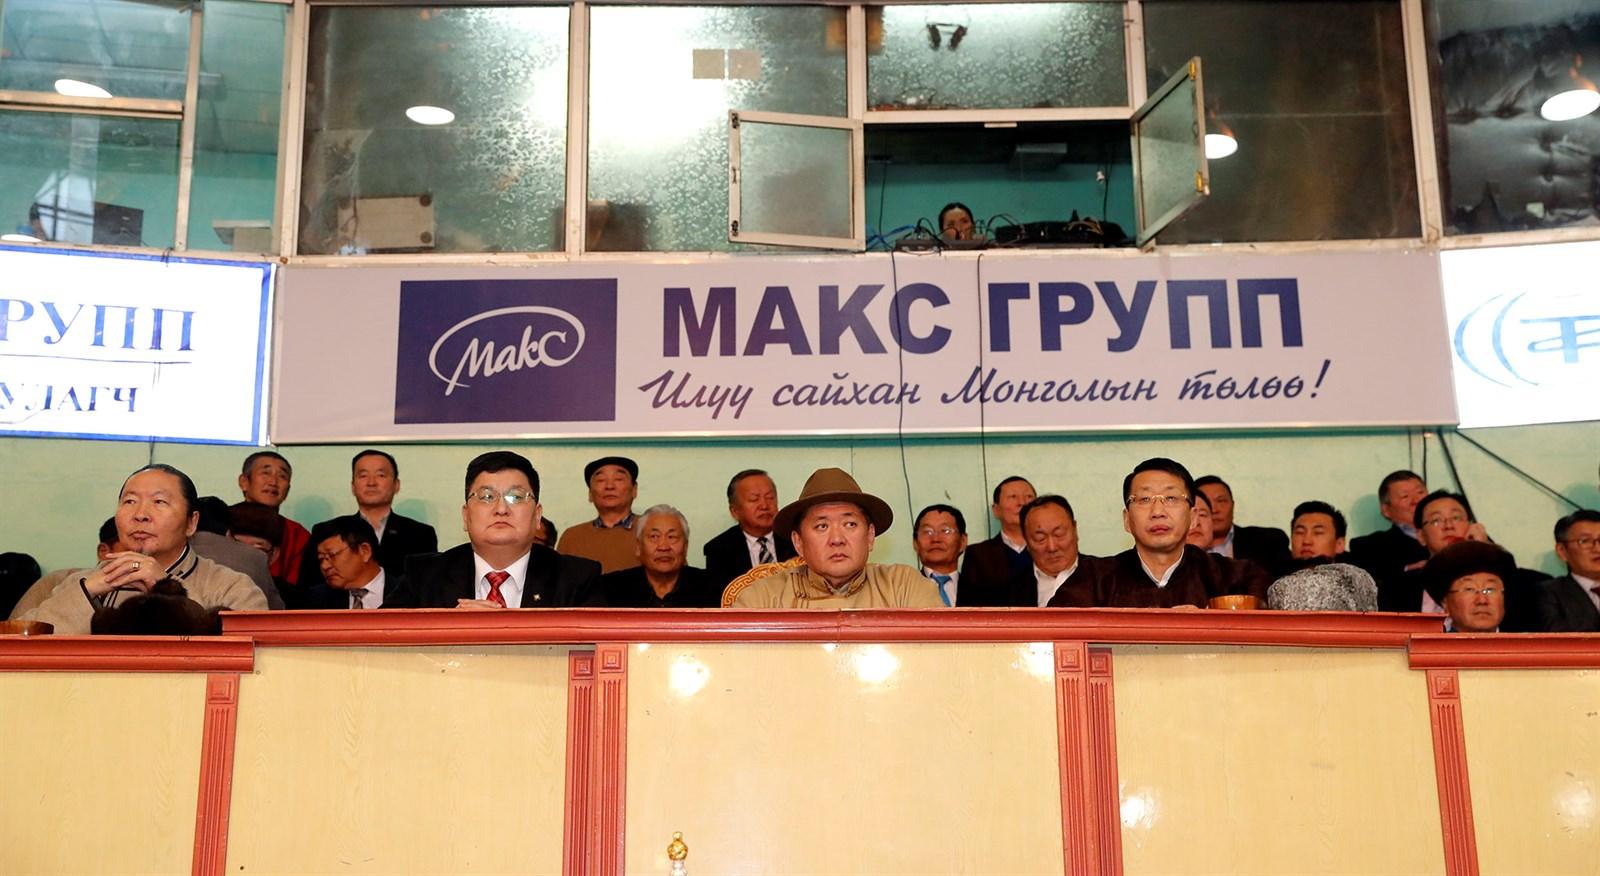 Монгол Улсын Үндсэн хууль батлагдсаны 26 жилийн ойн өдөрт зориулсан үндэсний бөхийн барилдаан болов